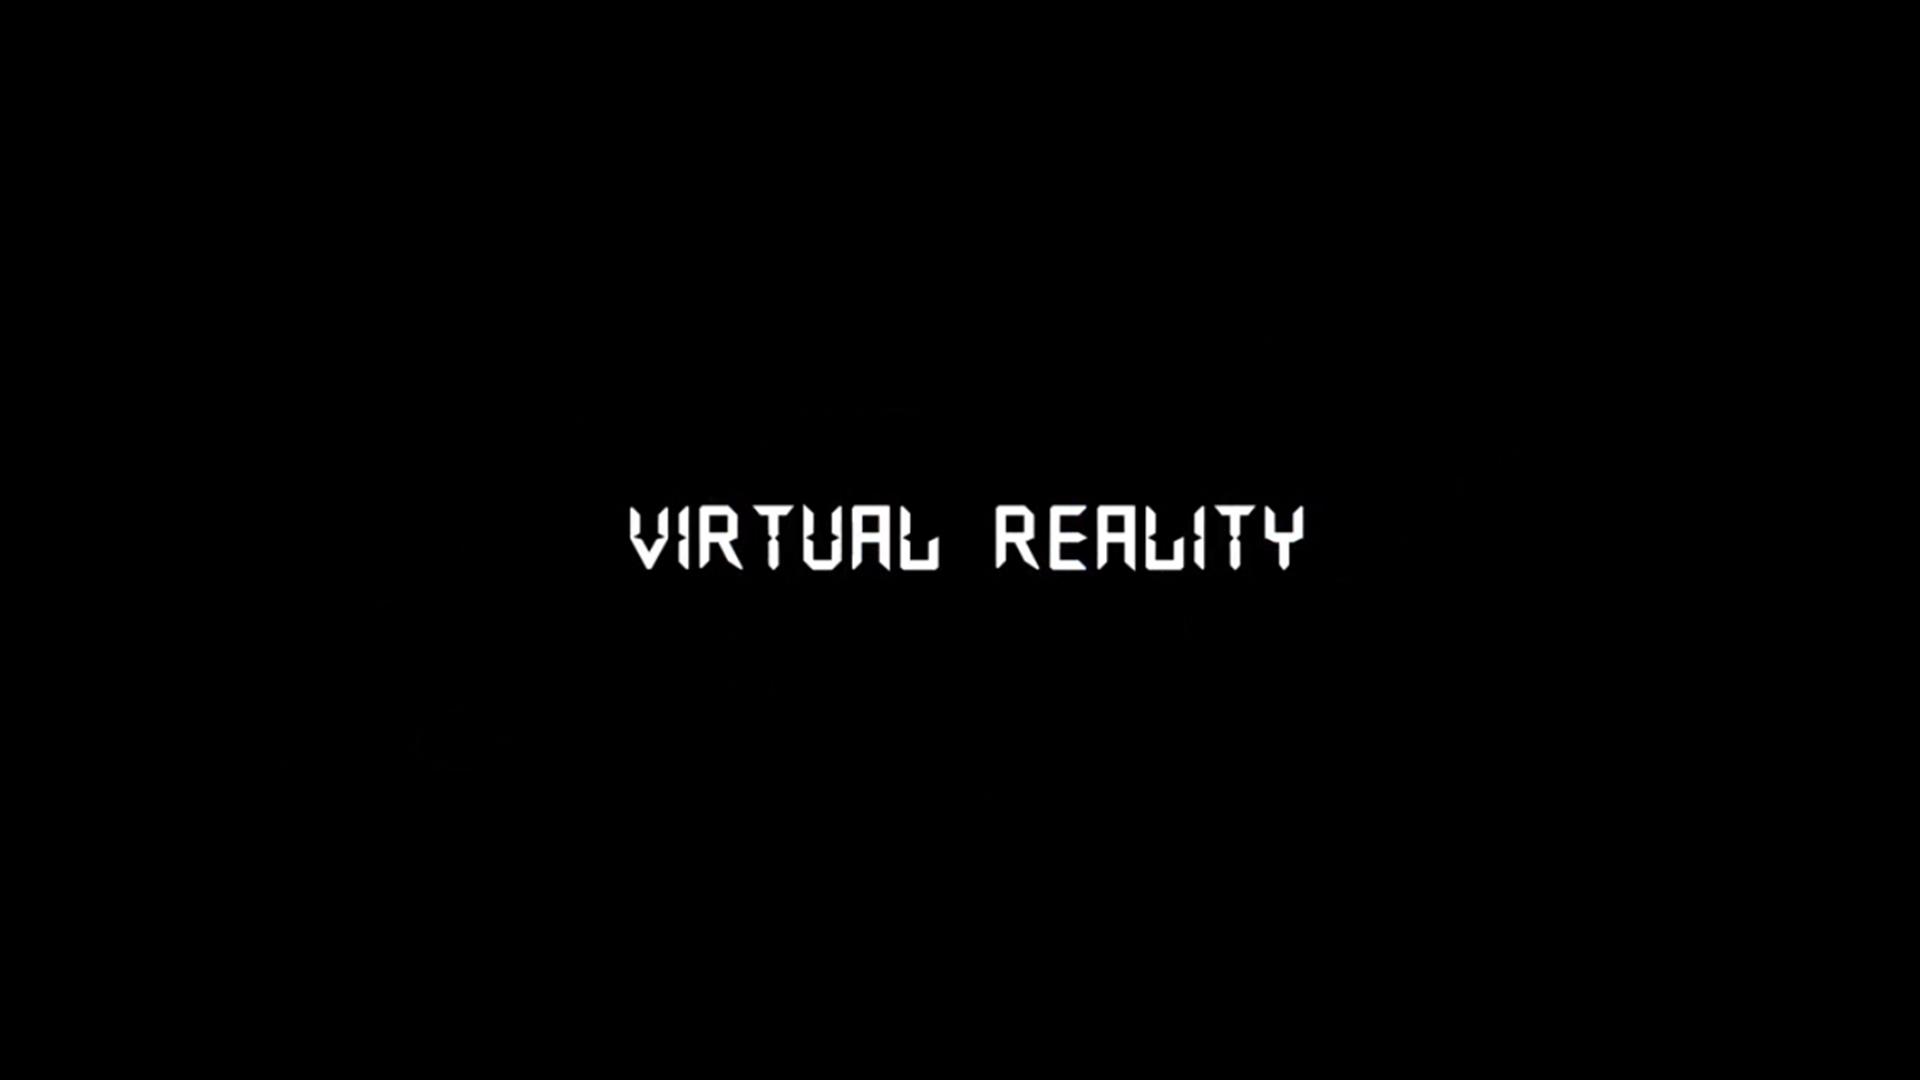 Remus Virtual Reality @ SEMA SHOW